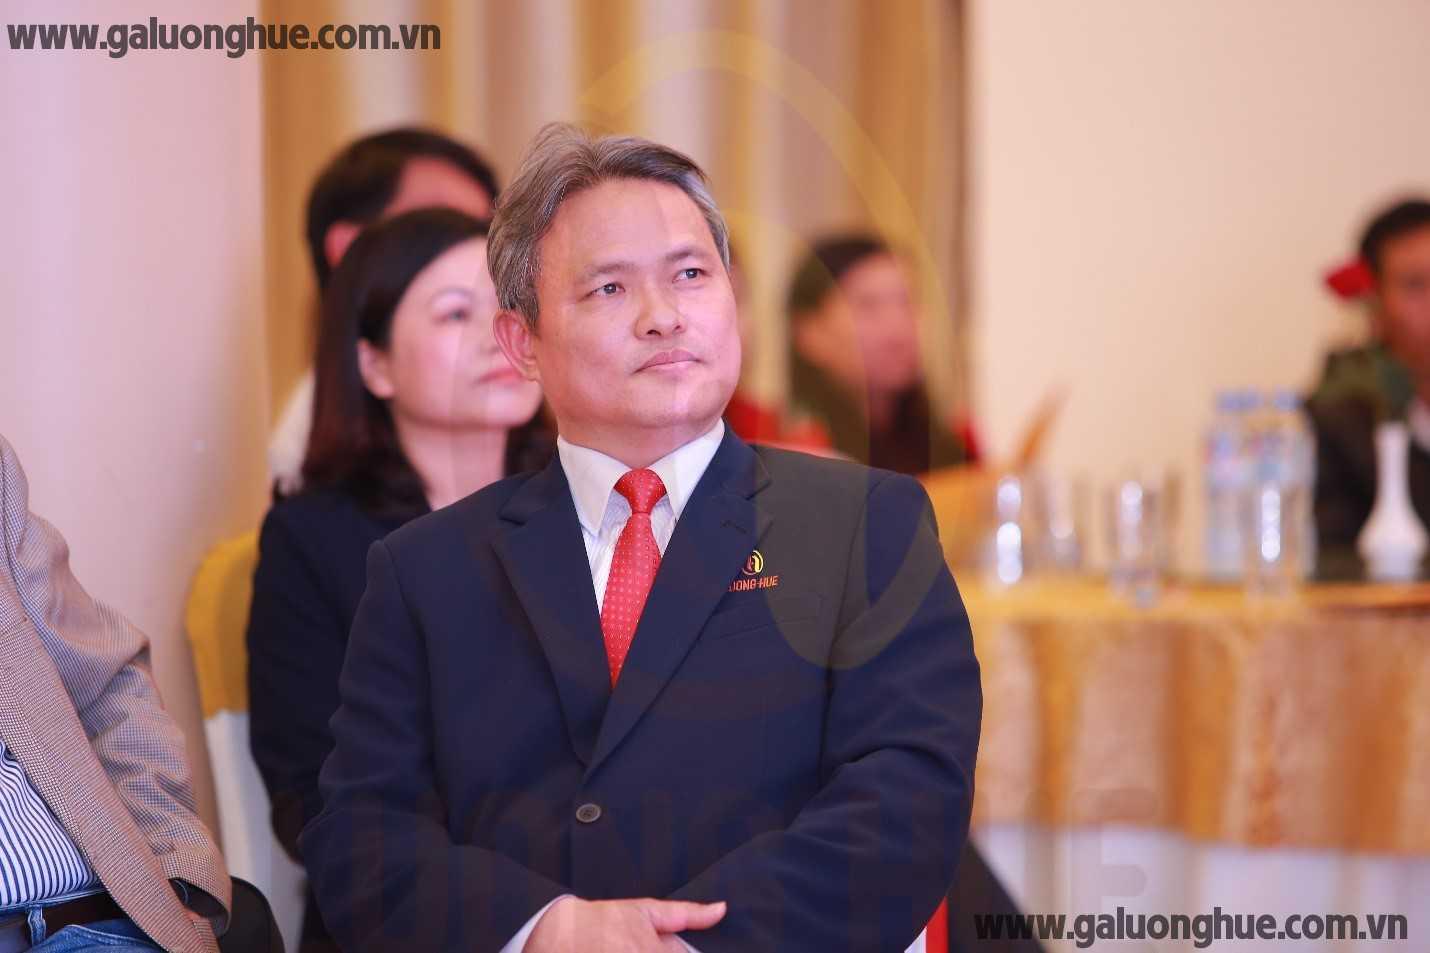 Phạm Văn Lượng